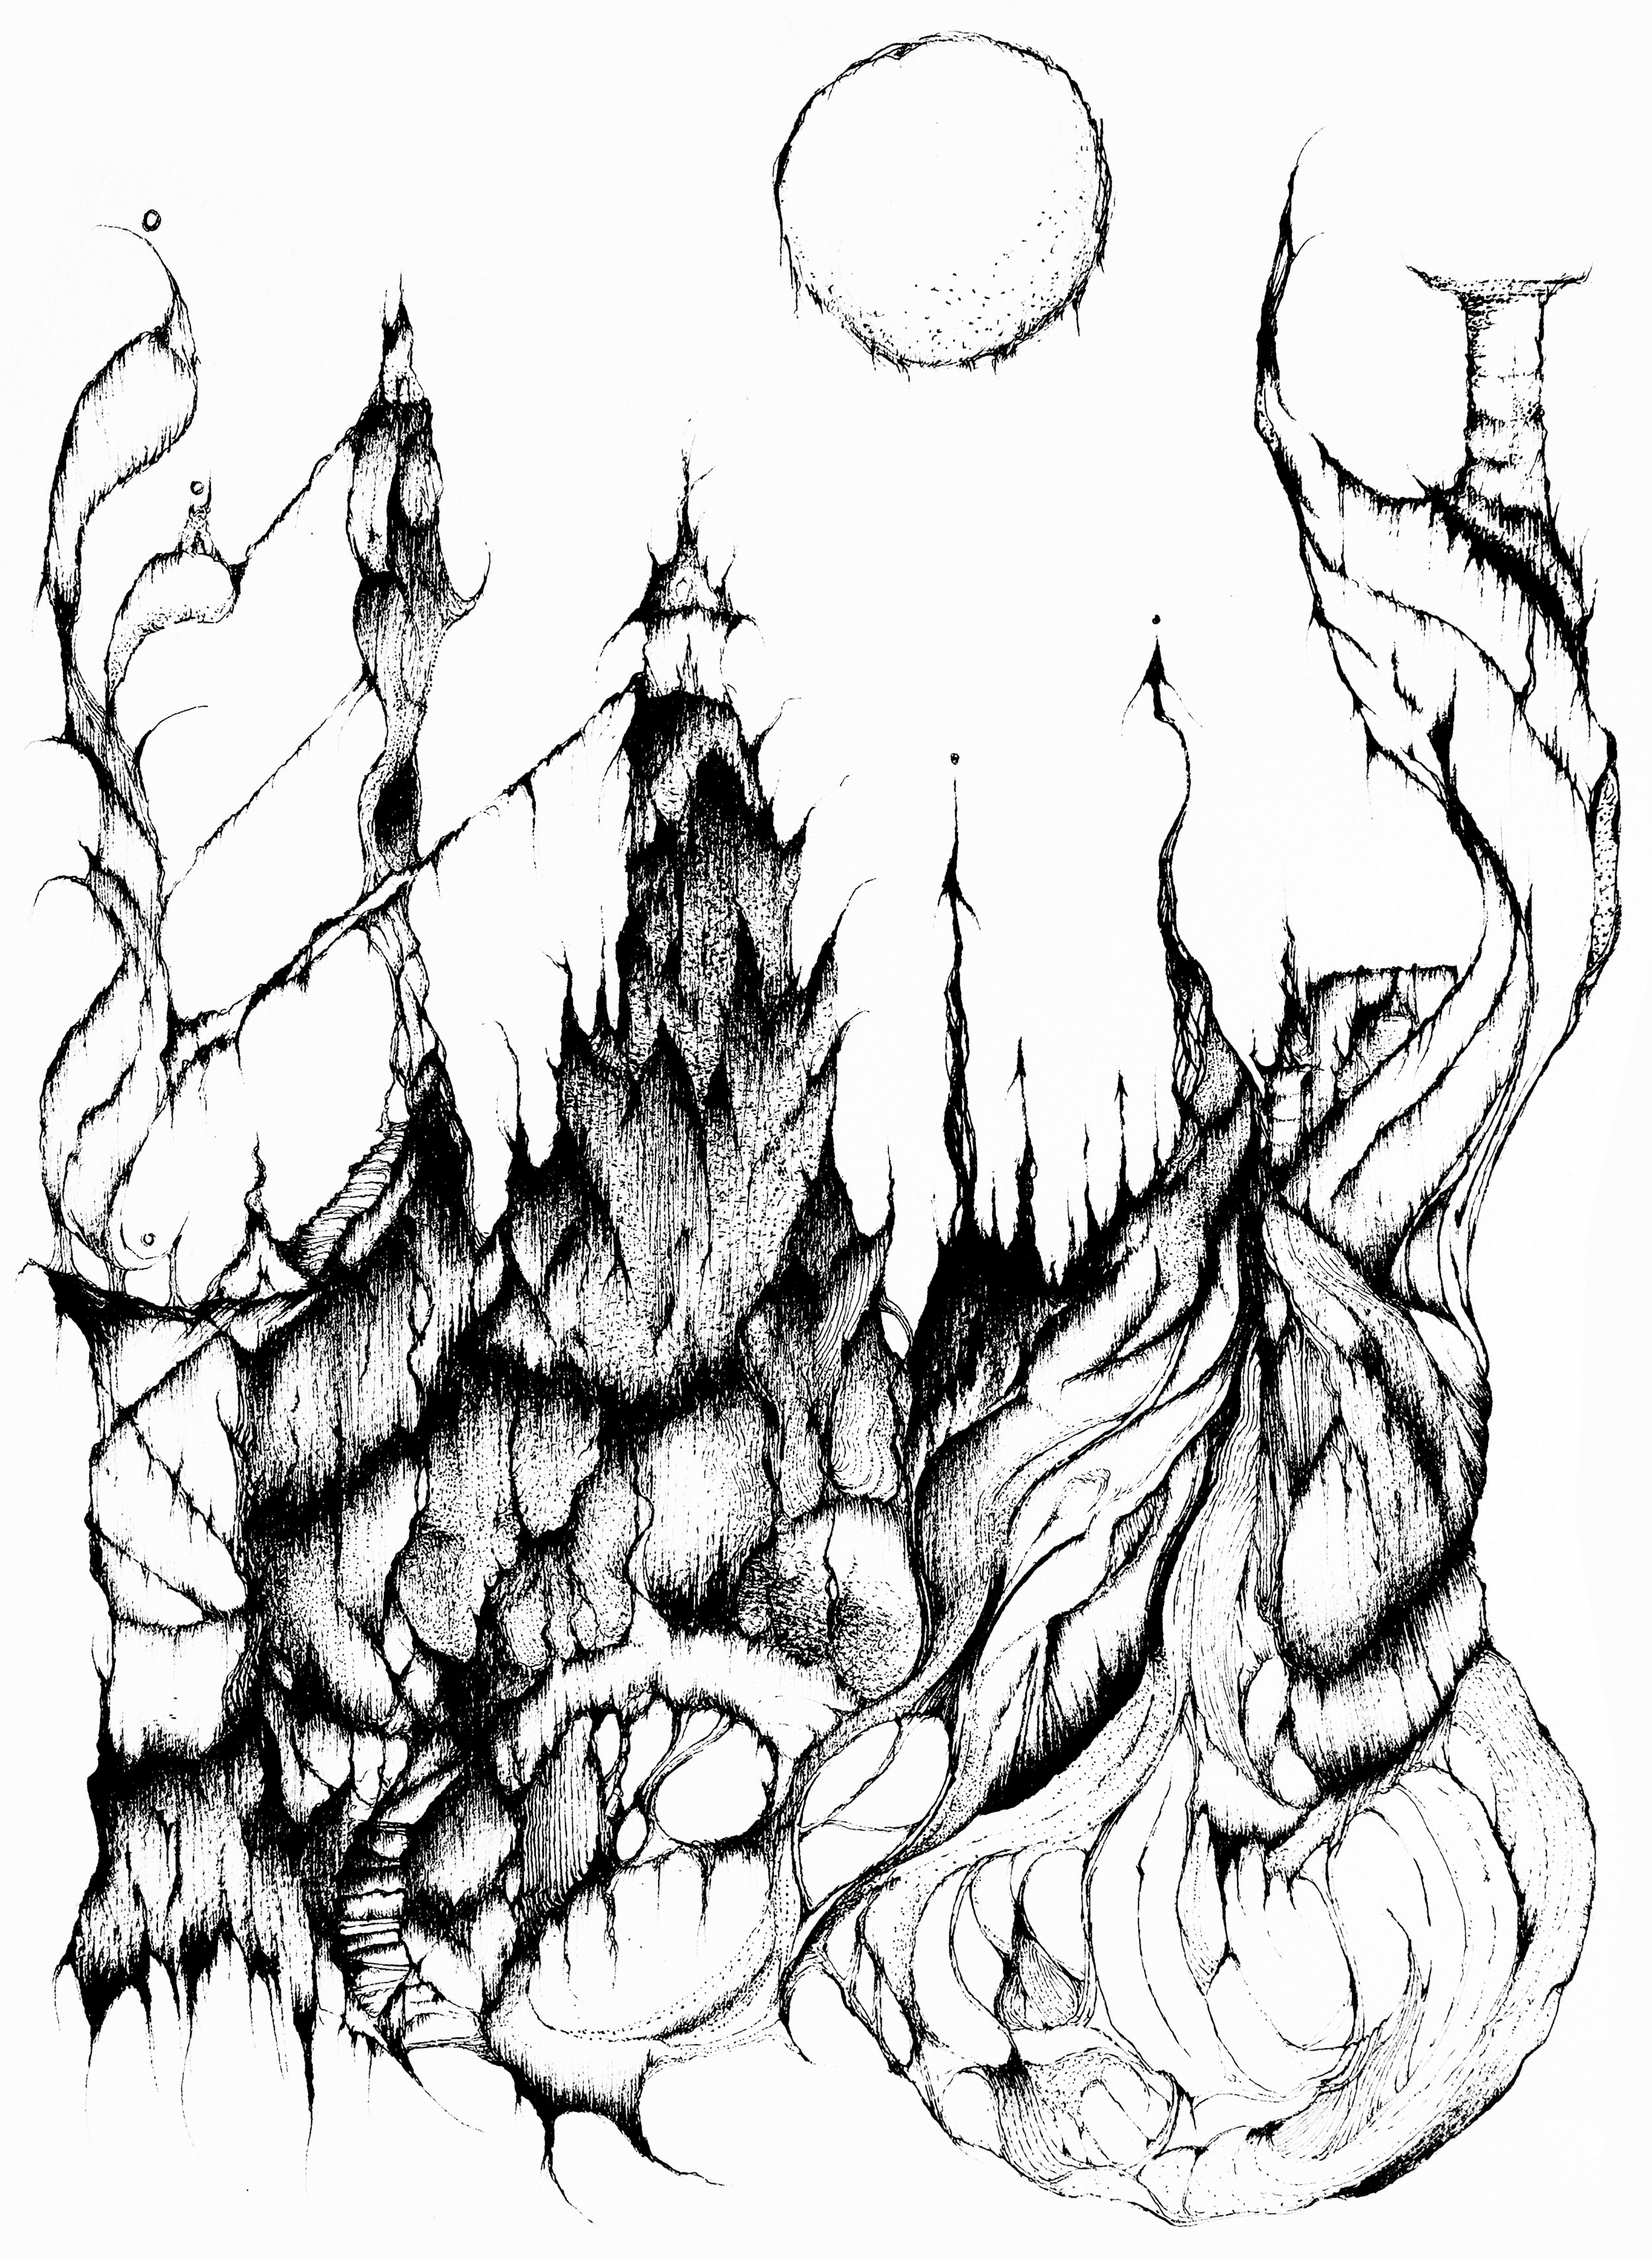 arkheron_artwork_hi-res001.jpg